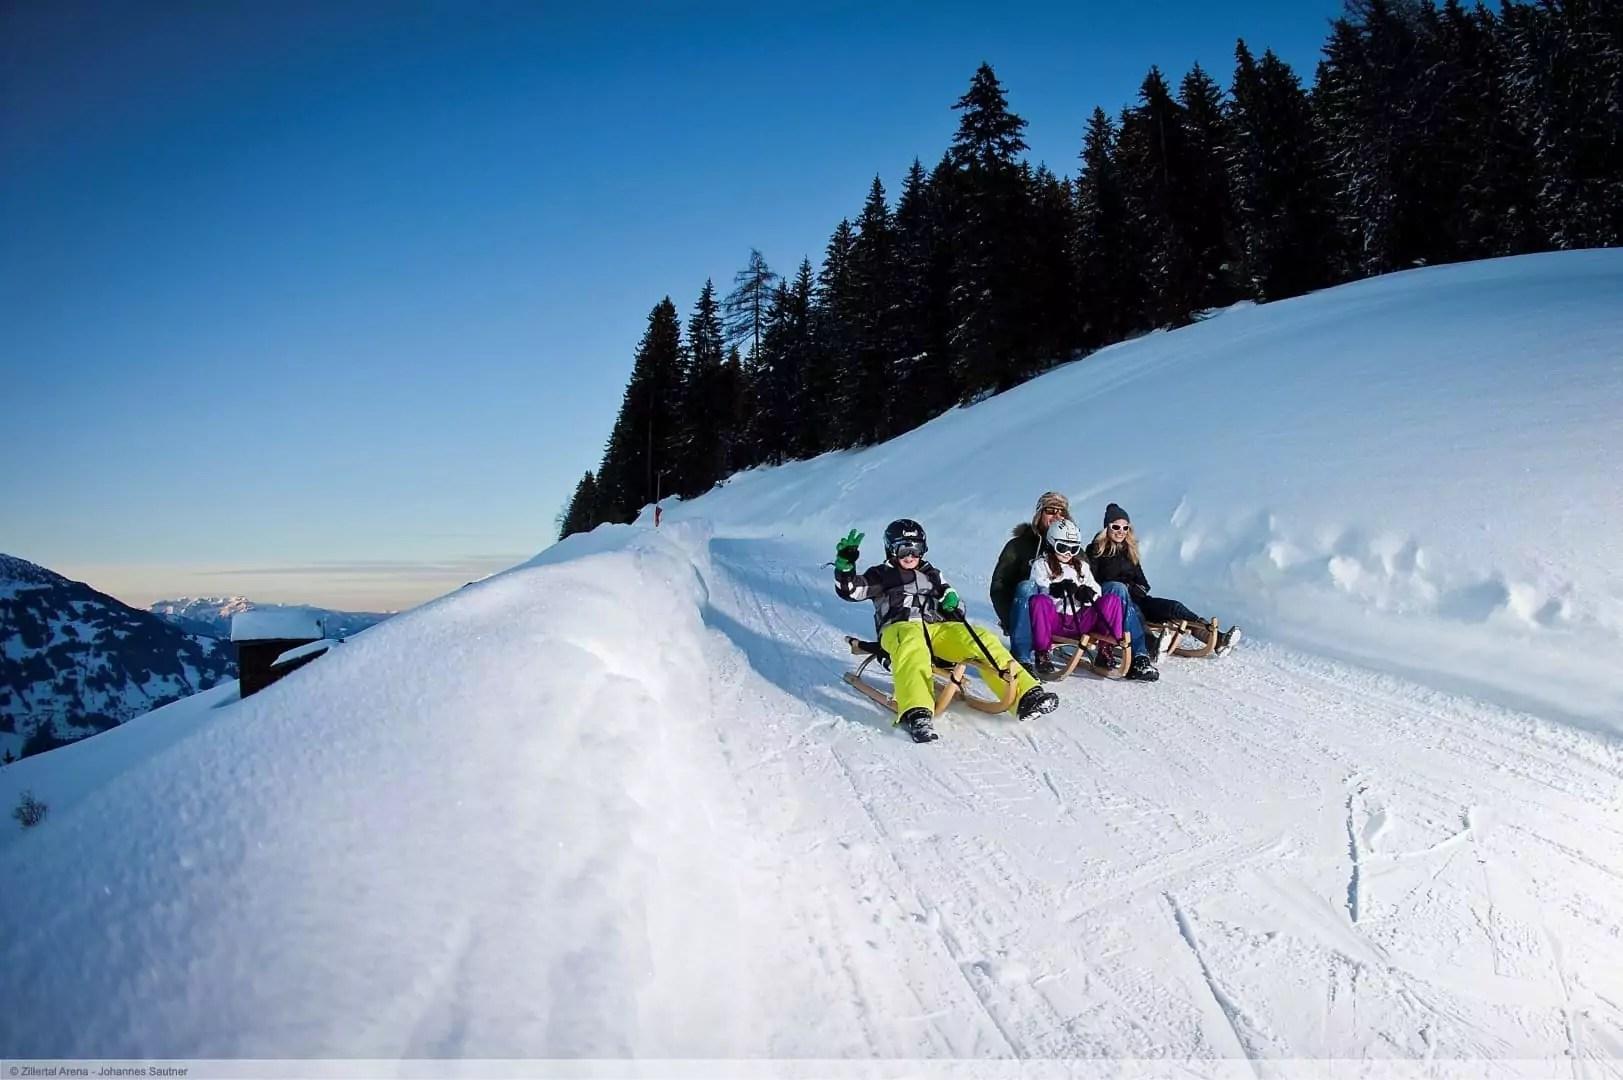 après-ski in Gerlos